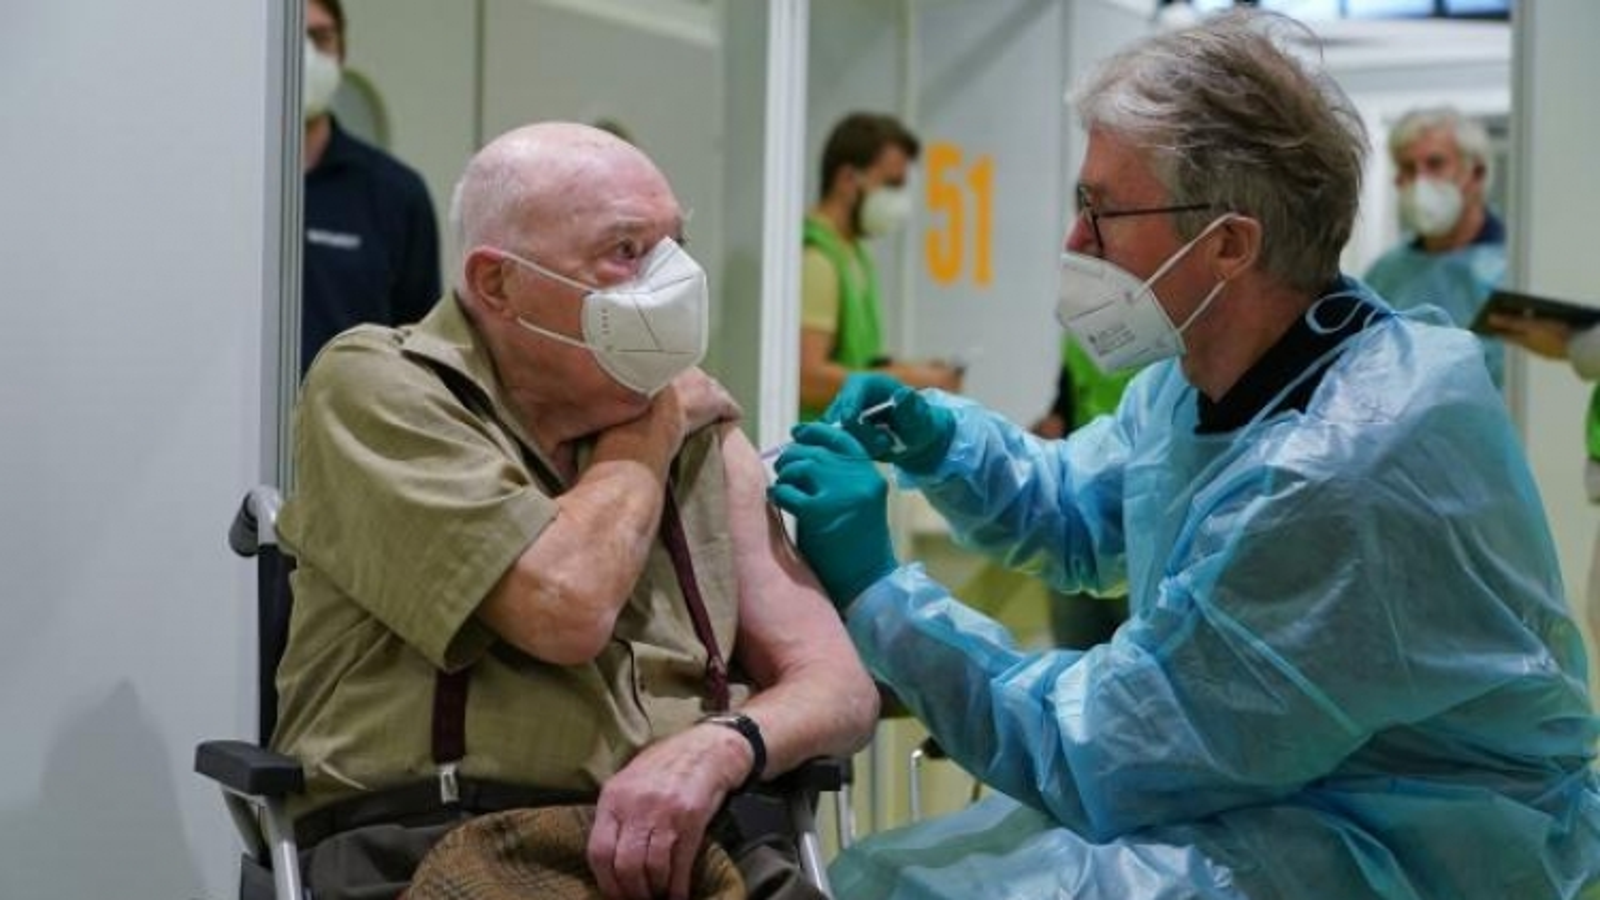 Pháp không đủ vaccine ngừa Covid-19 để tiêm cho dân chúng